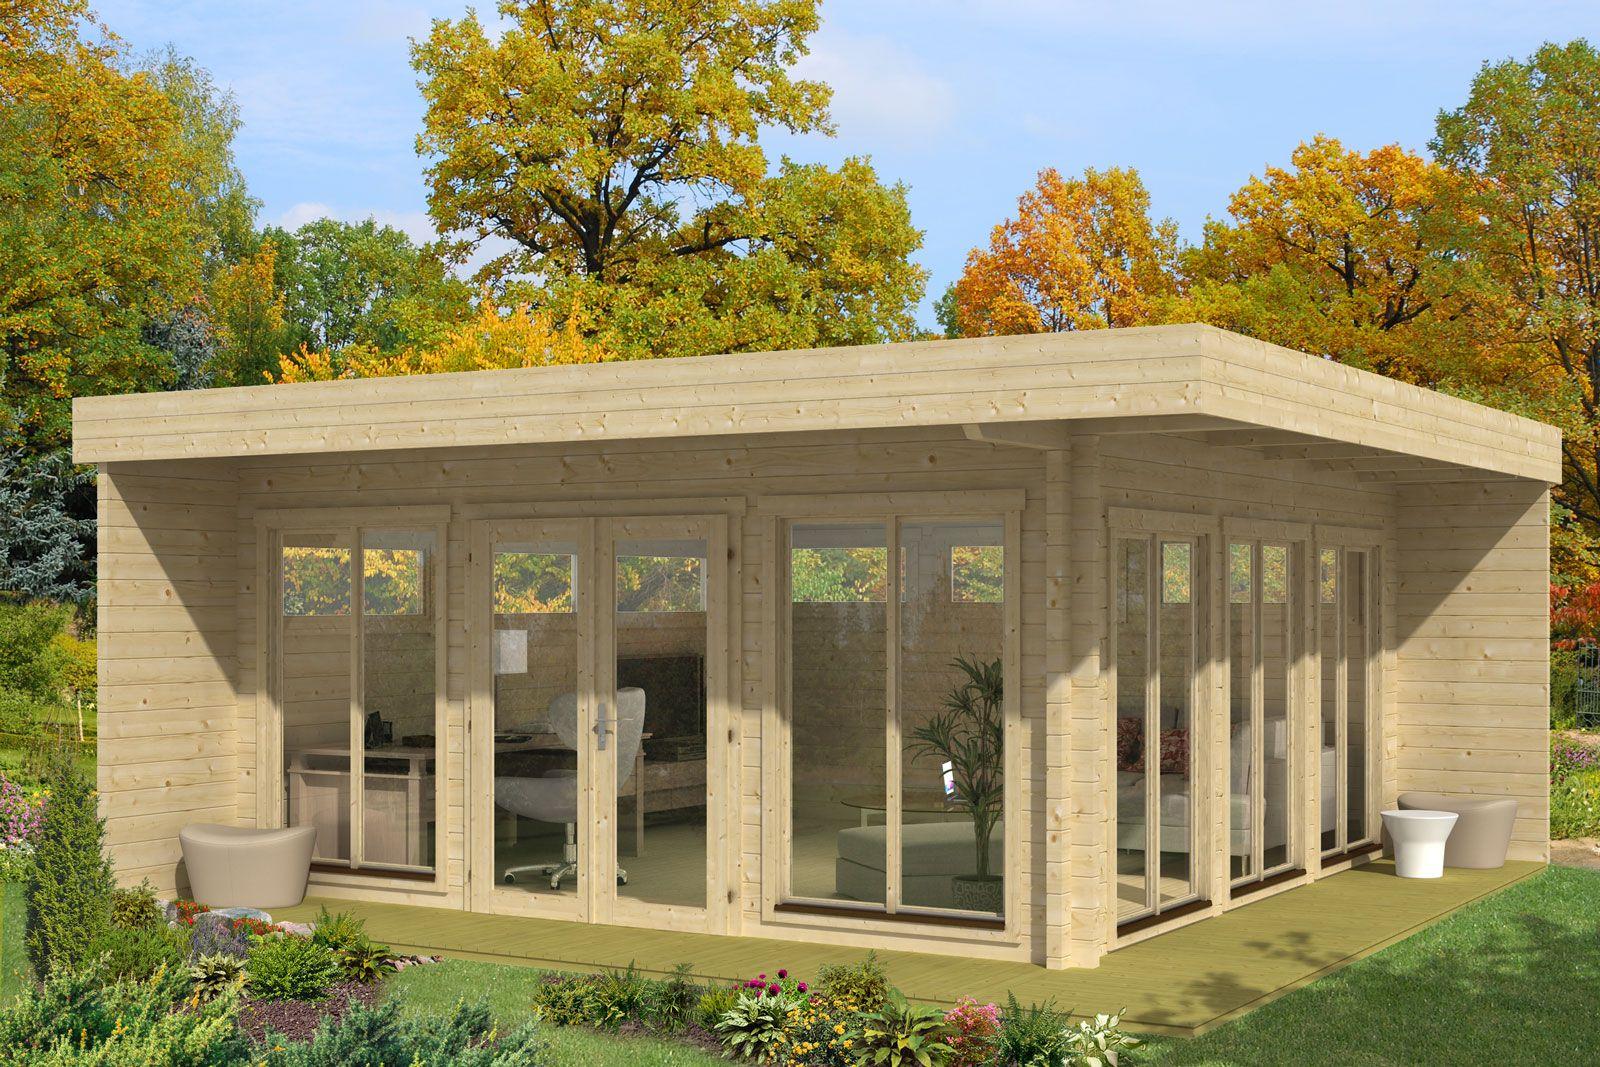 Gartenhaus HomeOffice 70 Haus, Gartenhaus und Garten kaufen